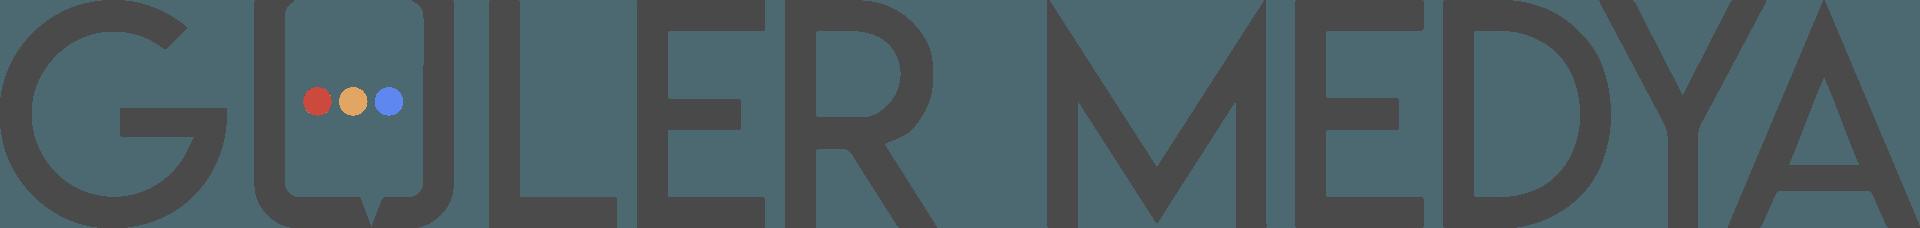 Tanıtım Filmi | Web Tasarım | Kurumsal Kimlik | Sosyal Medya Hizmetleri